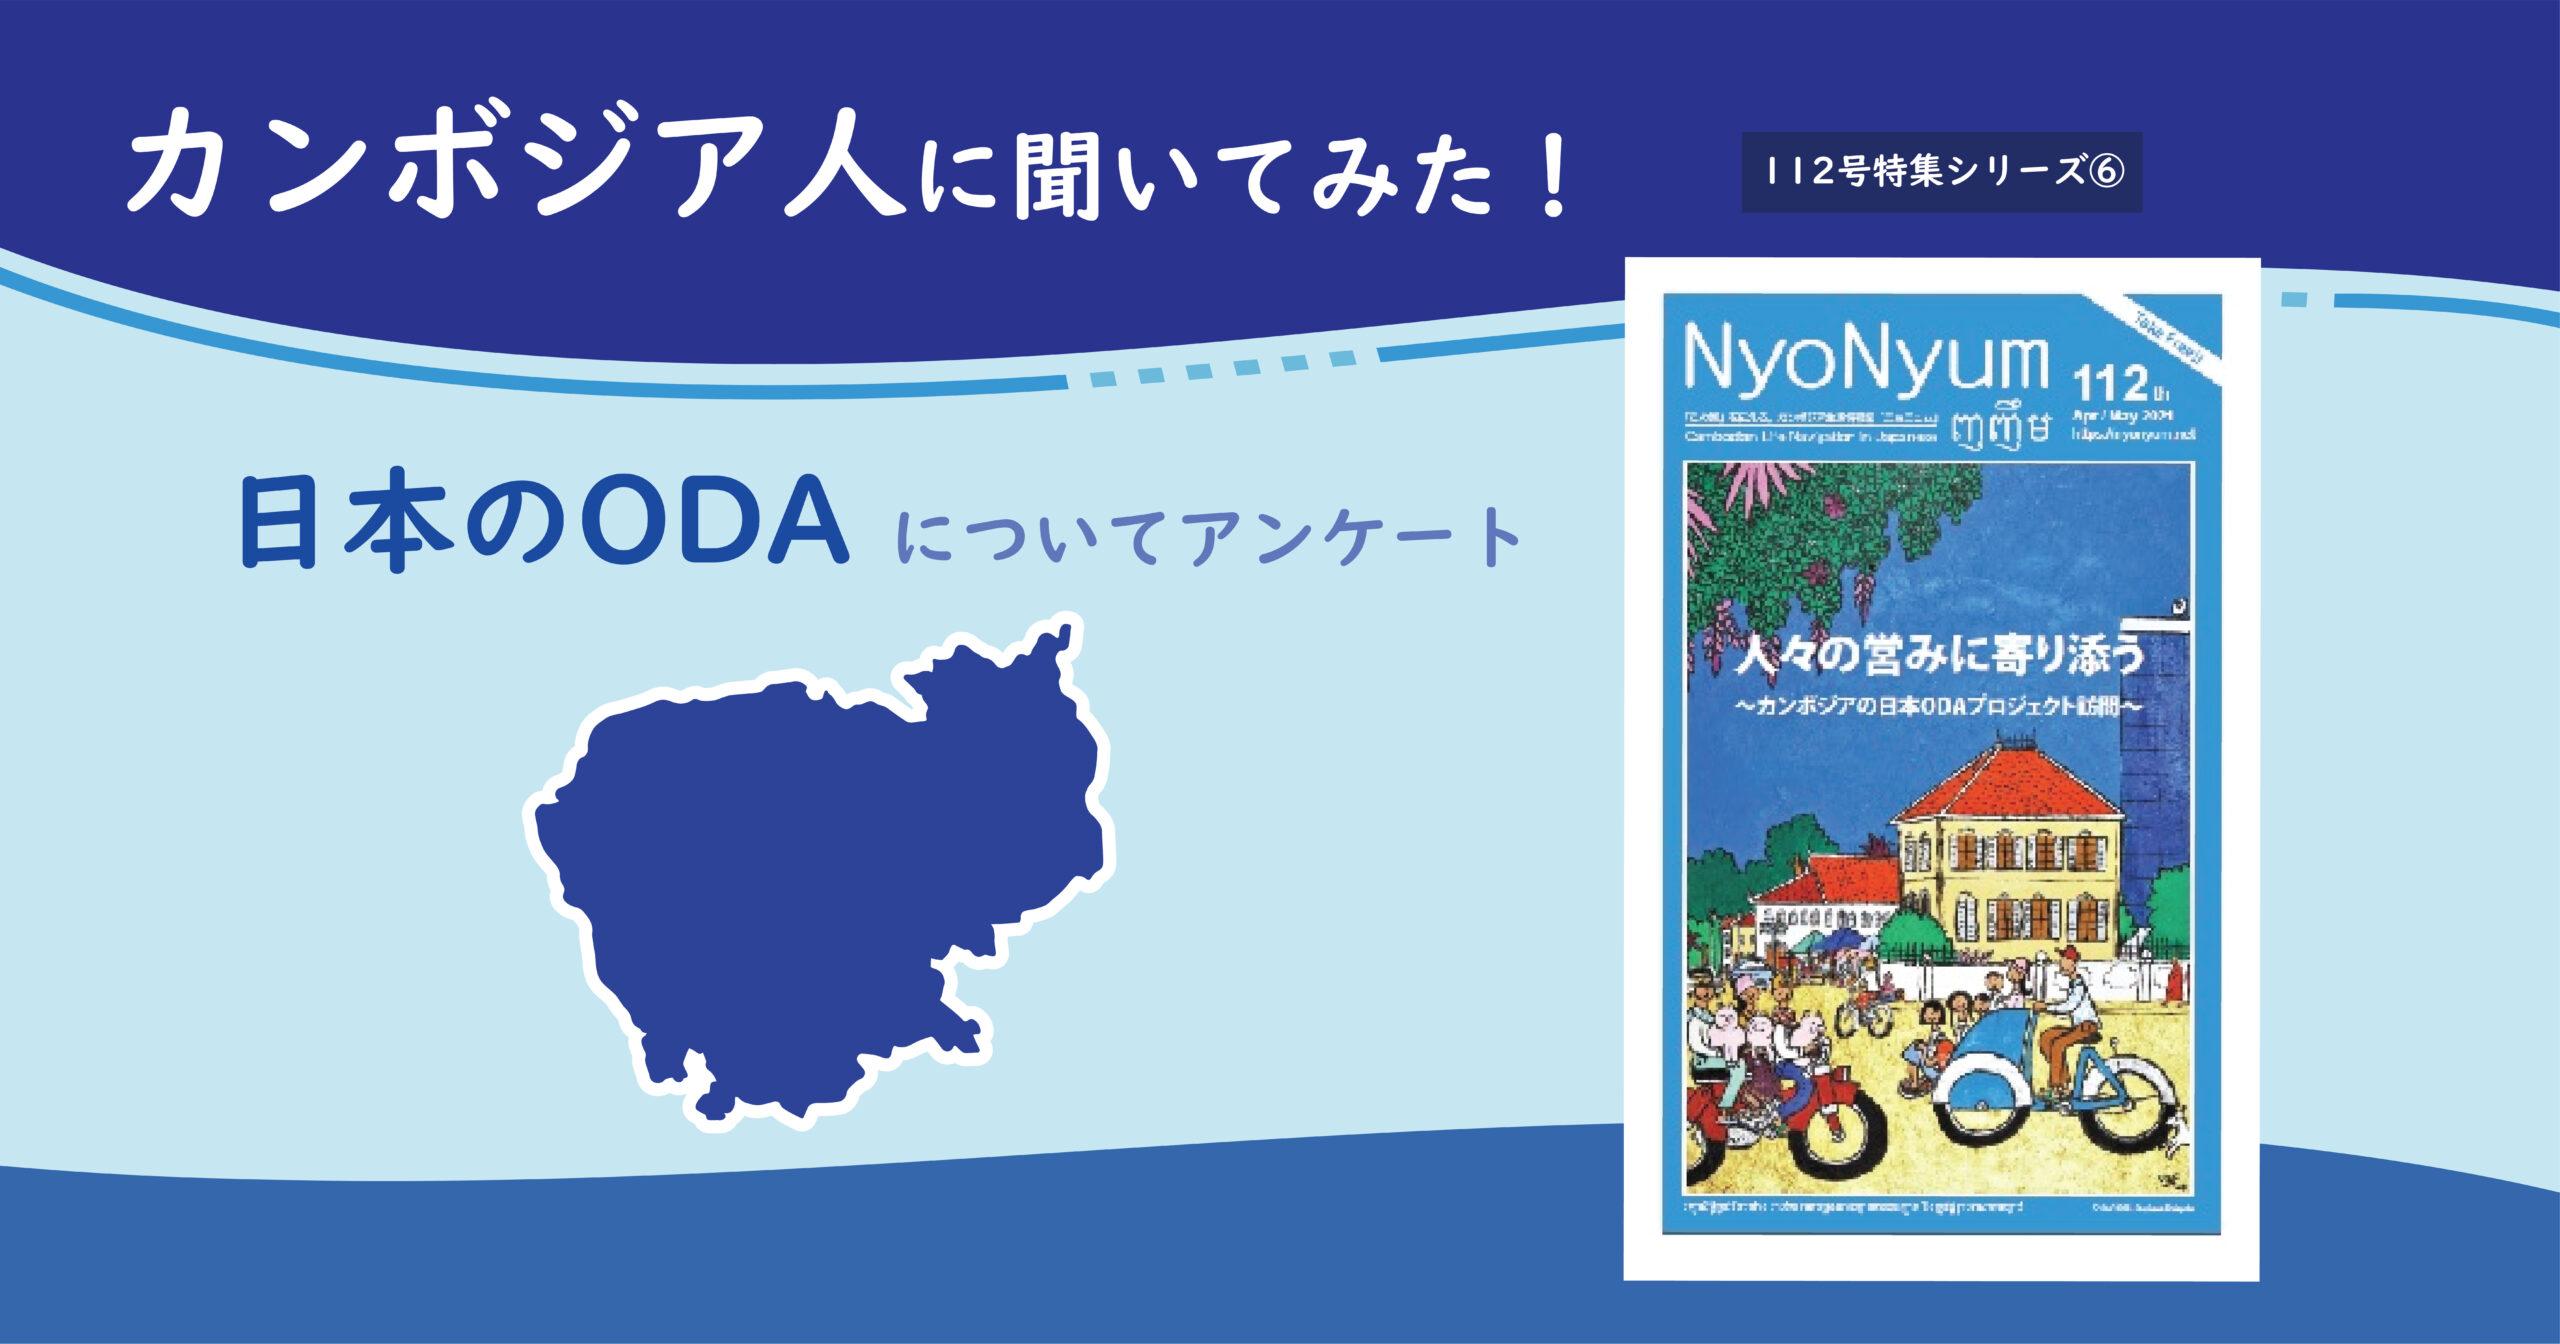 (日本語) NyoNyum112号特集:⑥カンボジア人に聞いてみた!日本のODAについてのアンケート